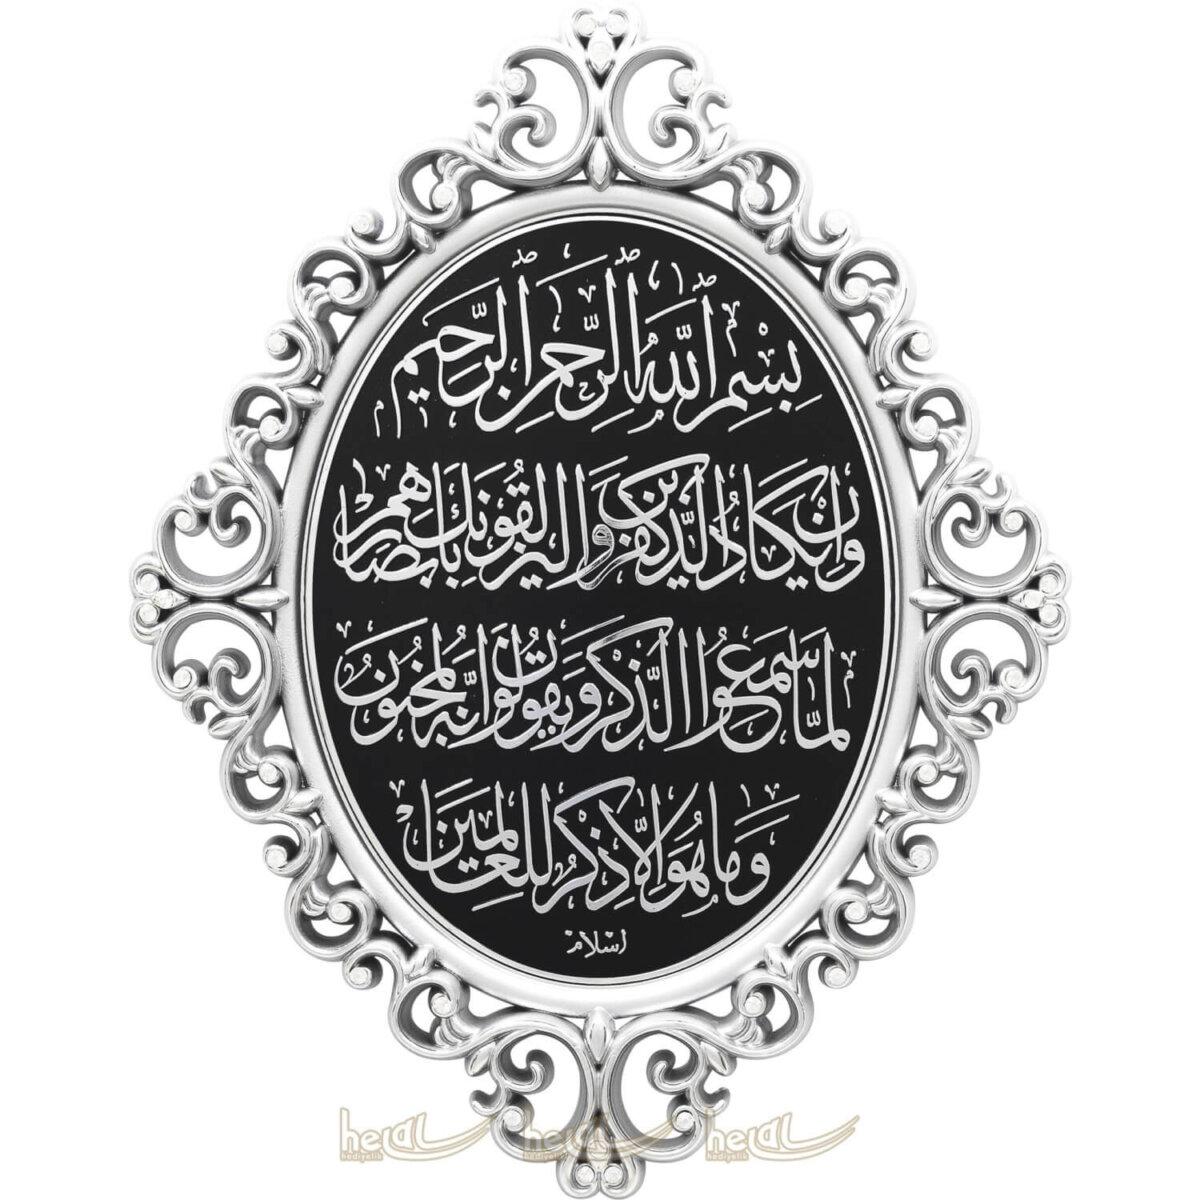 24x31cm Nazar Duası Osmanlı Motifli Modern Lüks Duvar Panosu Ayetli Ürünler